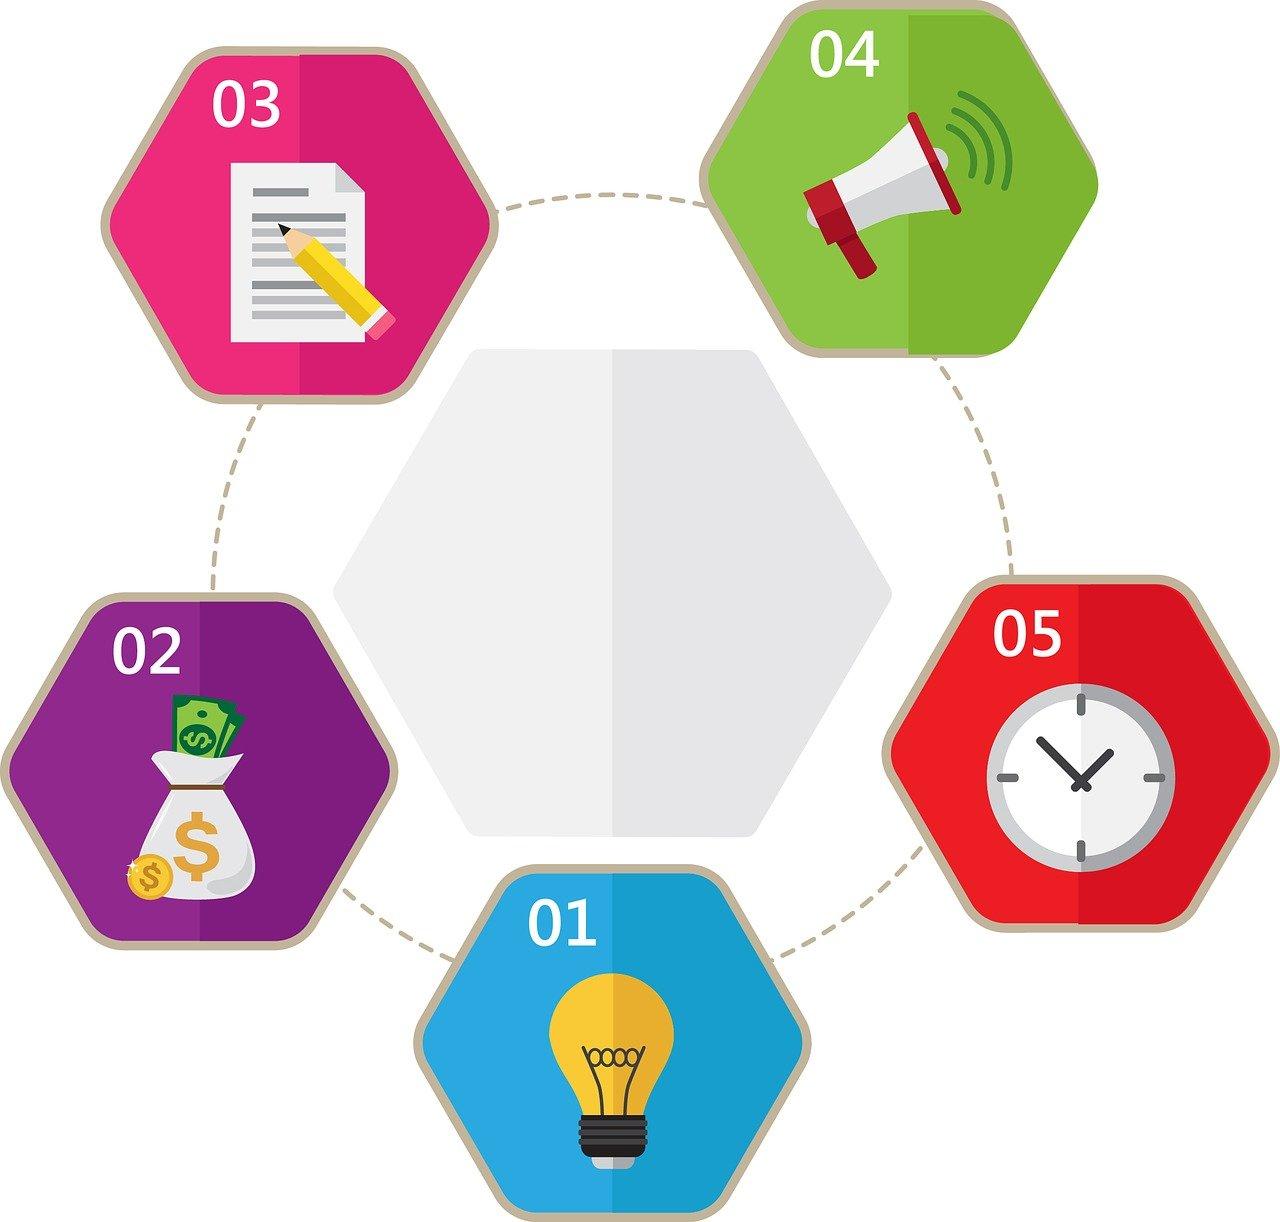 ホームページやオウンドメディア制作に役立つマインドマップ活用法!